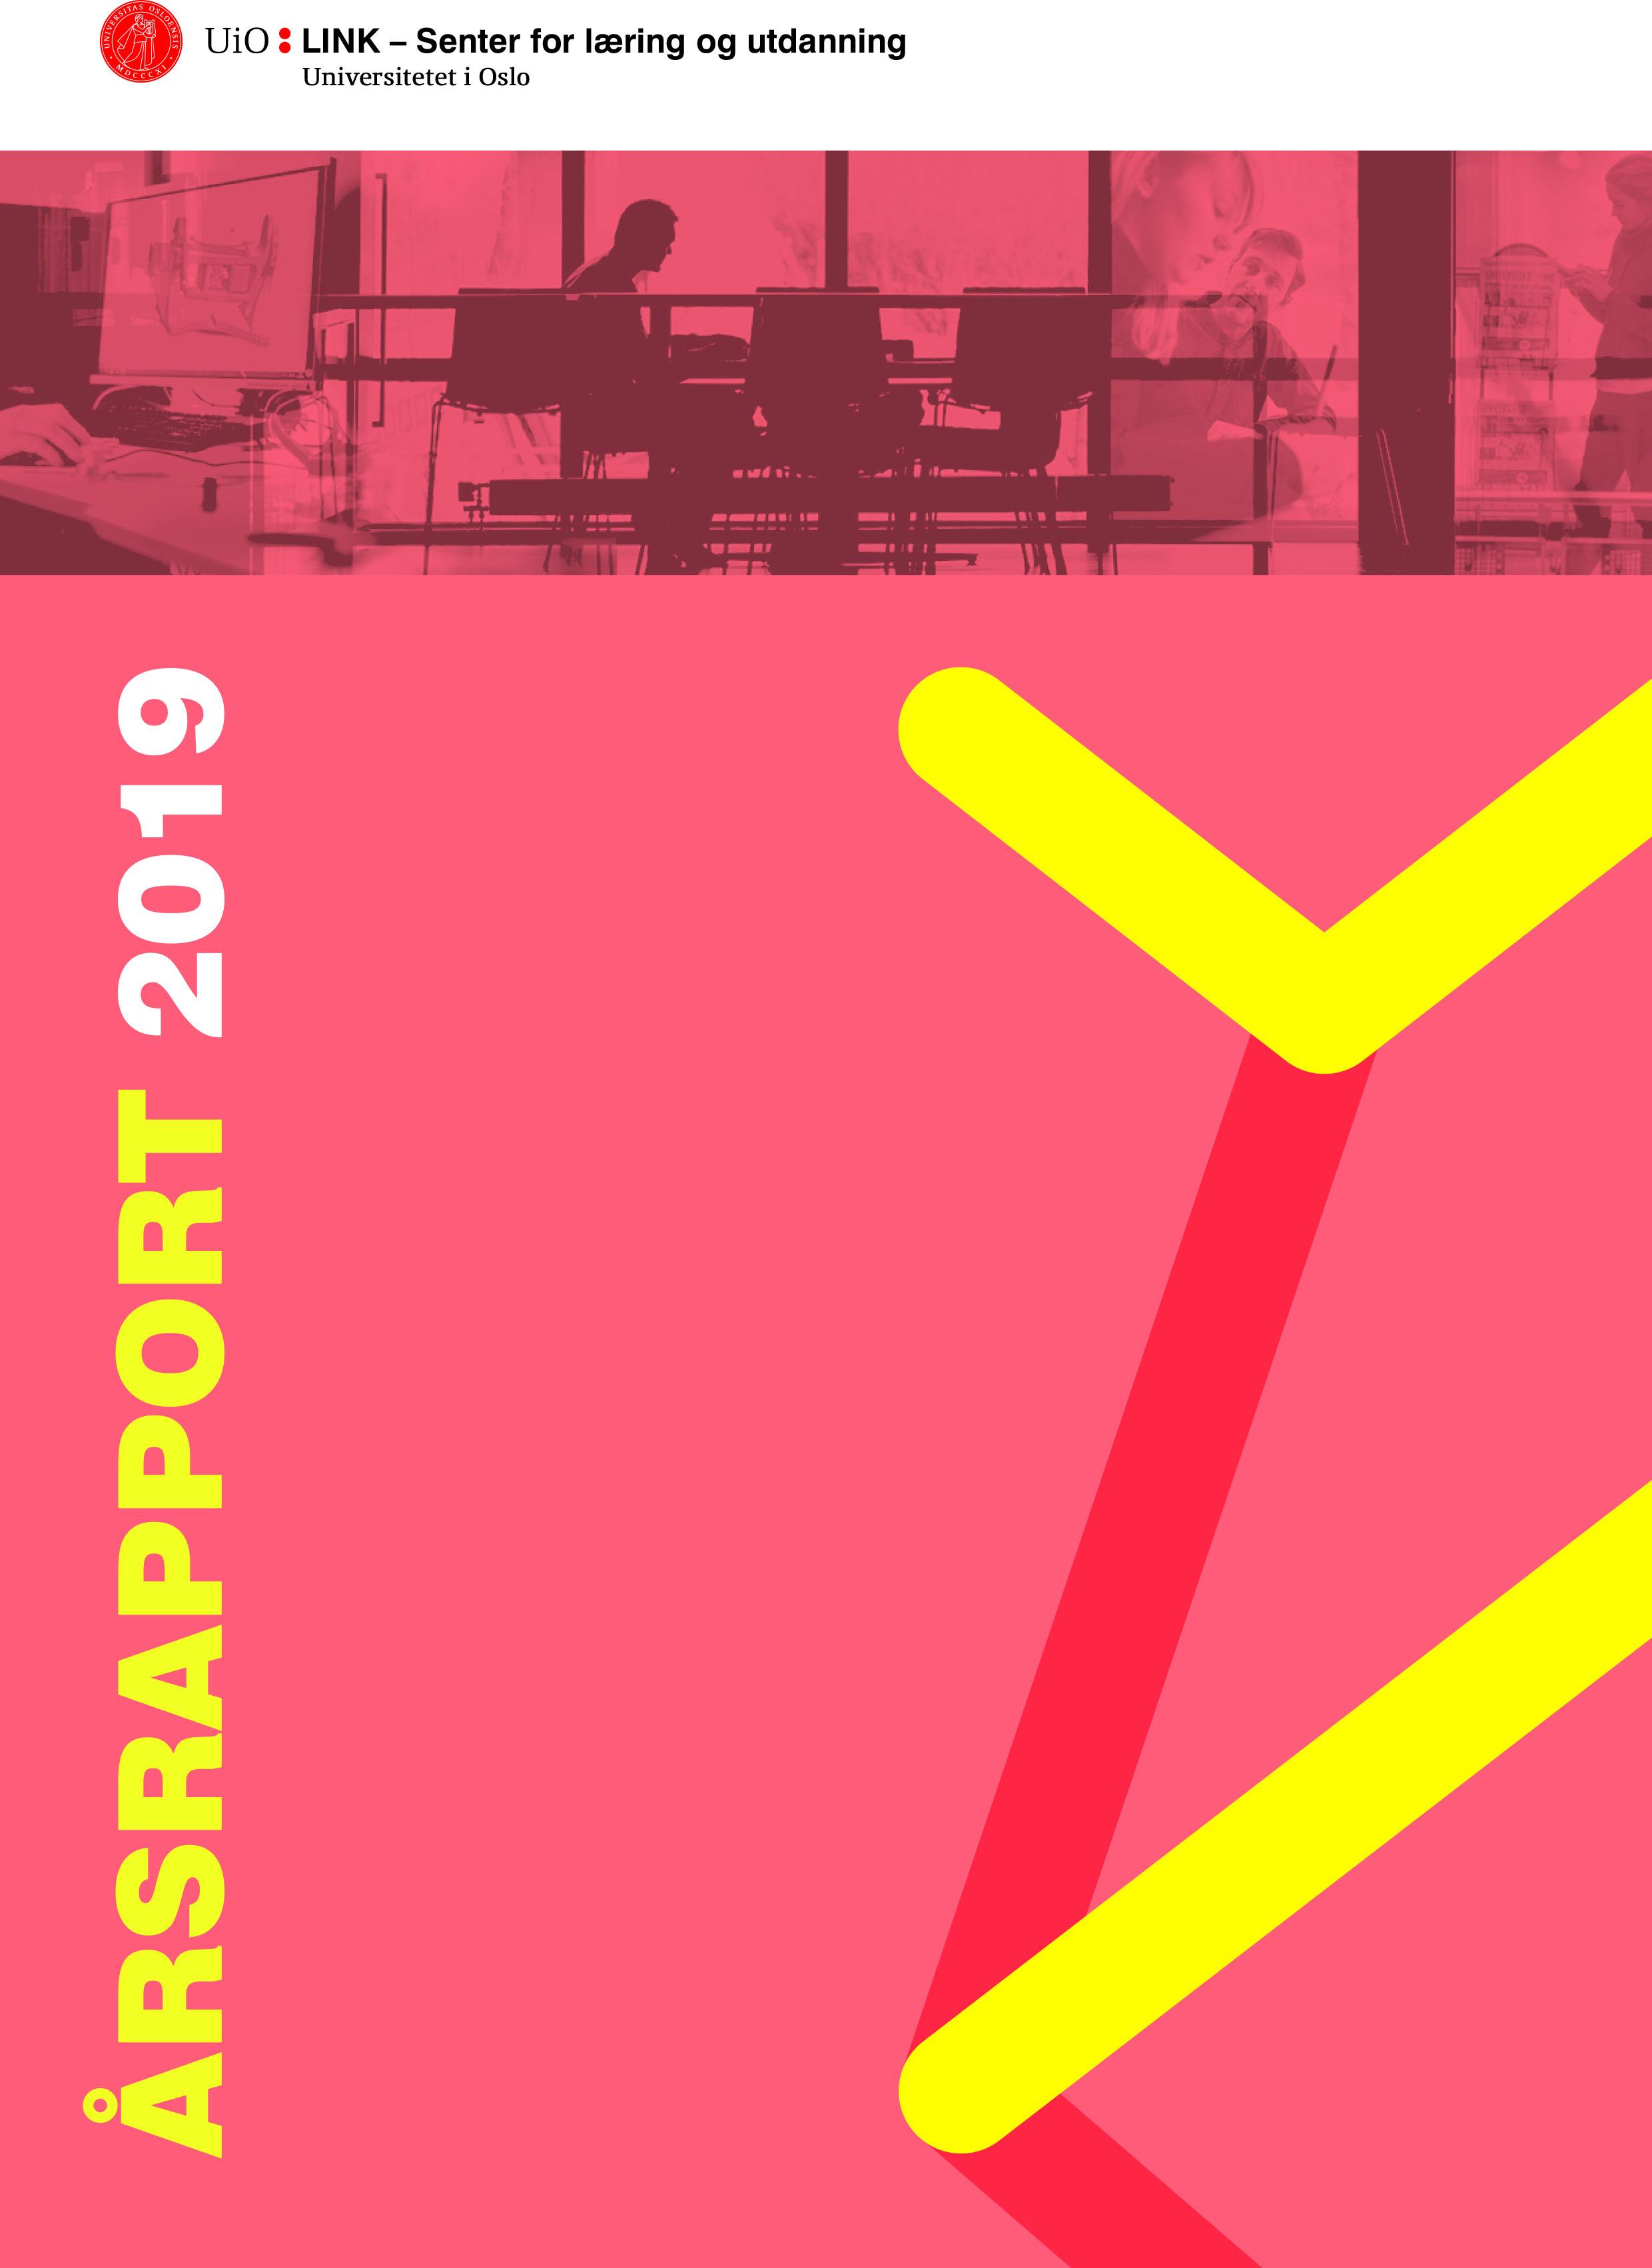 Bildet kan inneholde: gul, rød, tekst, linje, oransje.